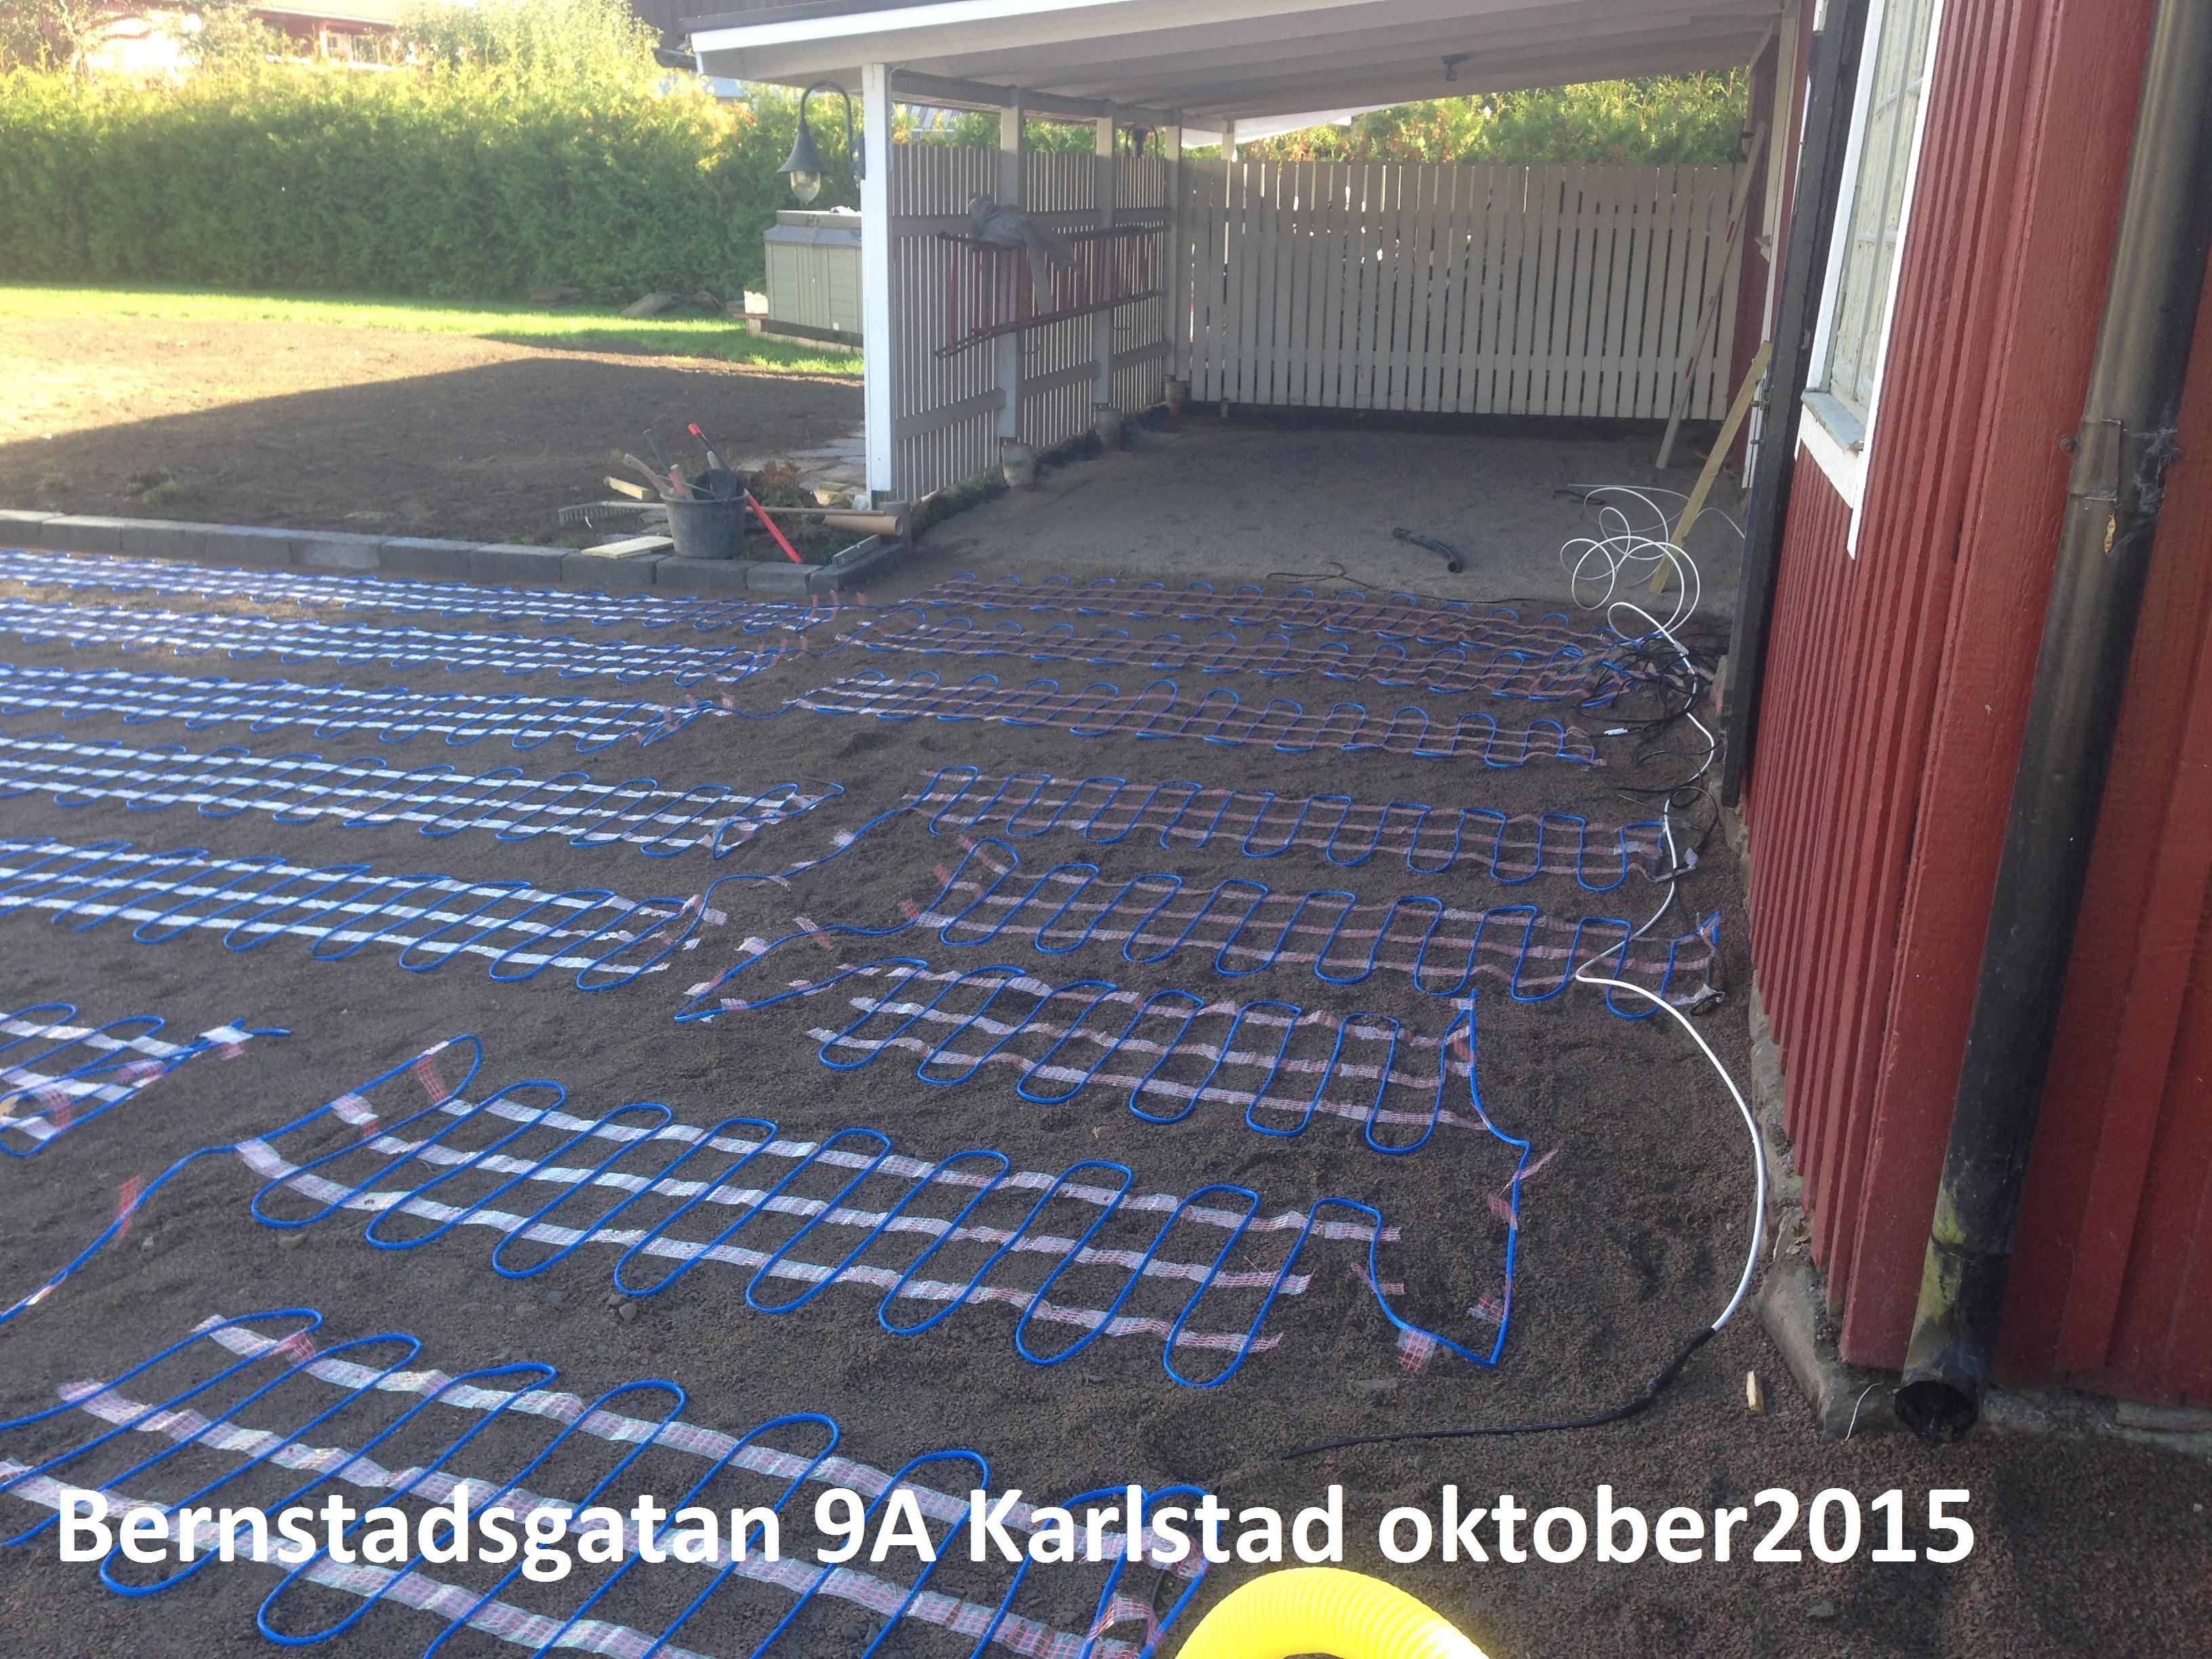 Bernstadsgatan 9A karlstad oktober2015 (7)